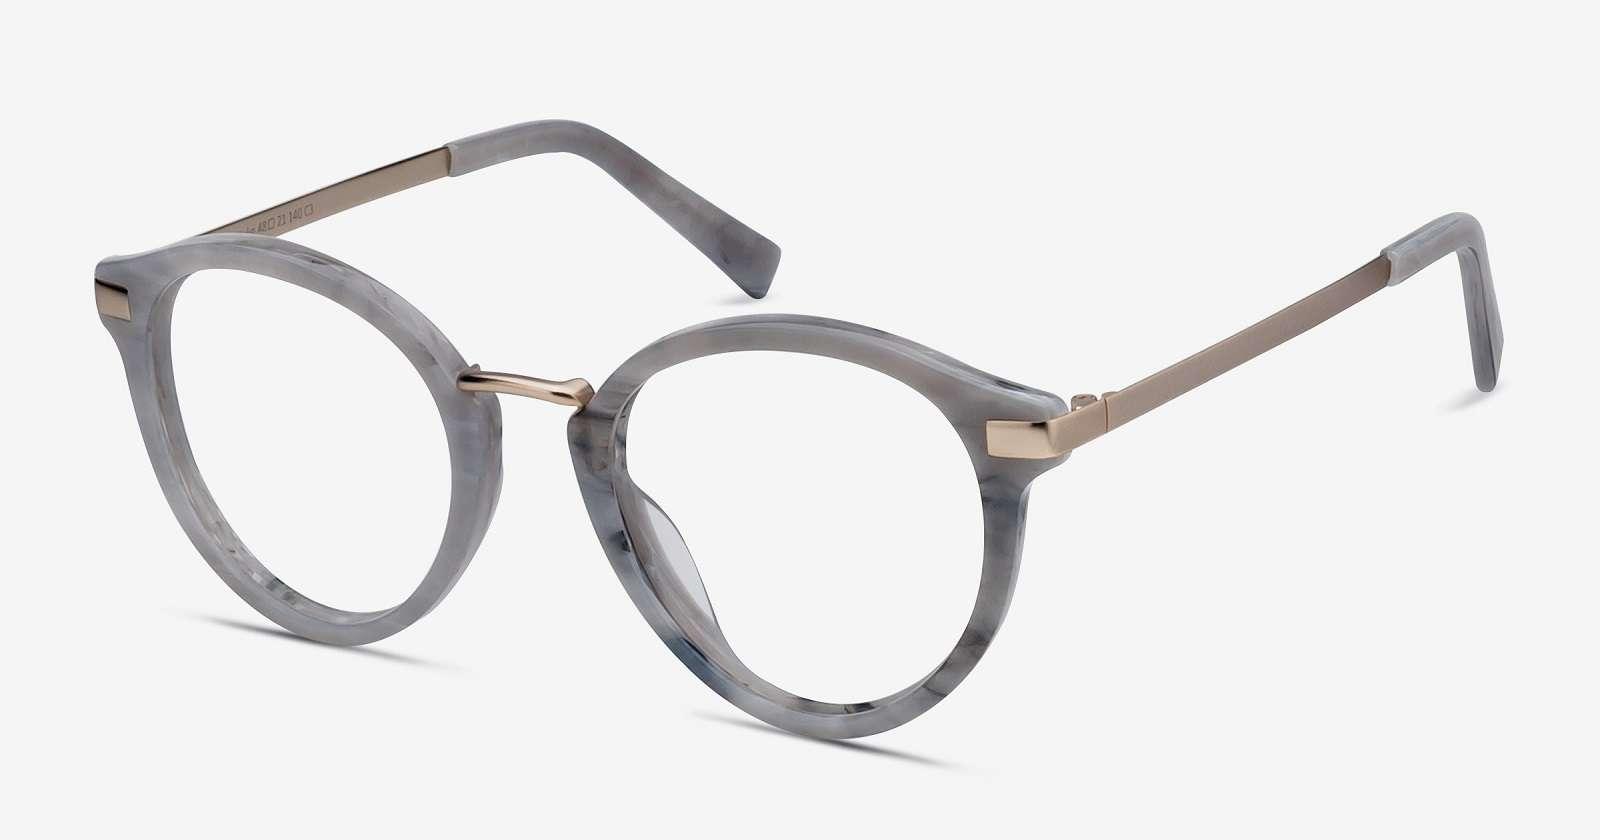 44106f7e9b Grey Glasses  The Hot Fad You Didn t Know